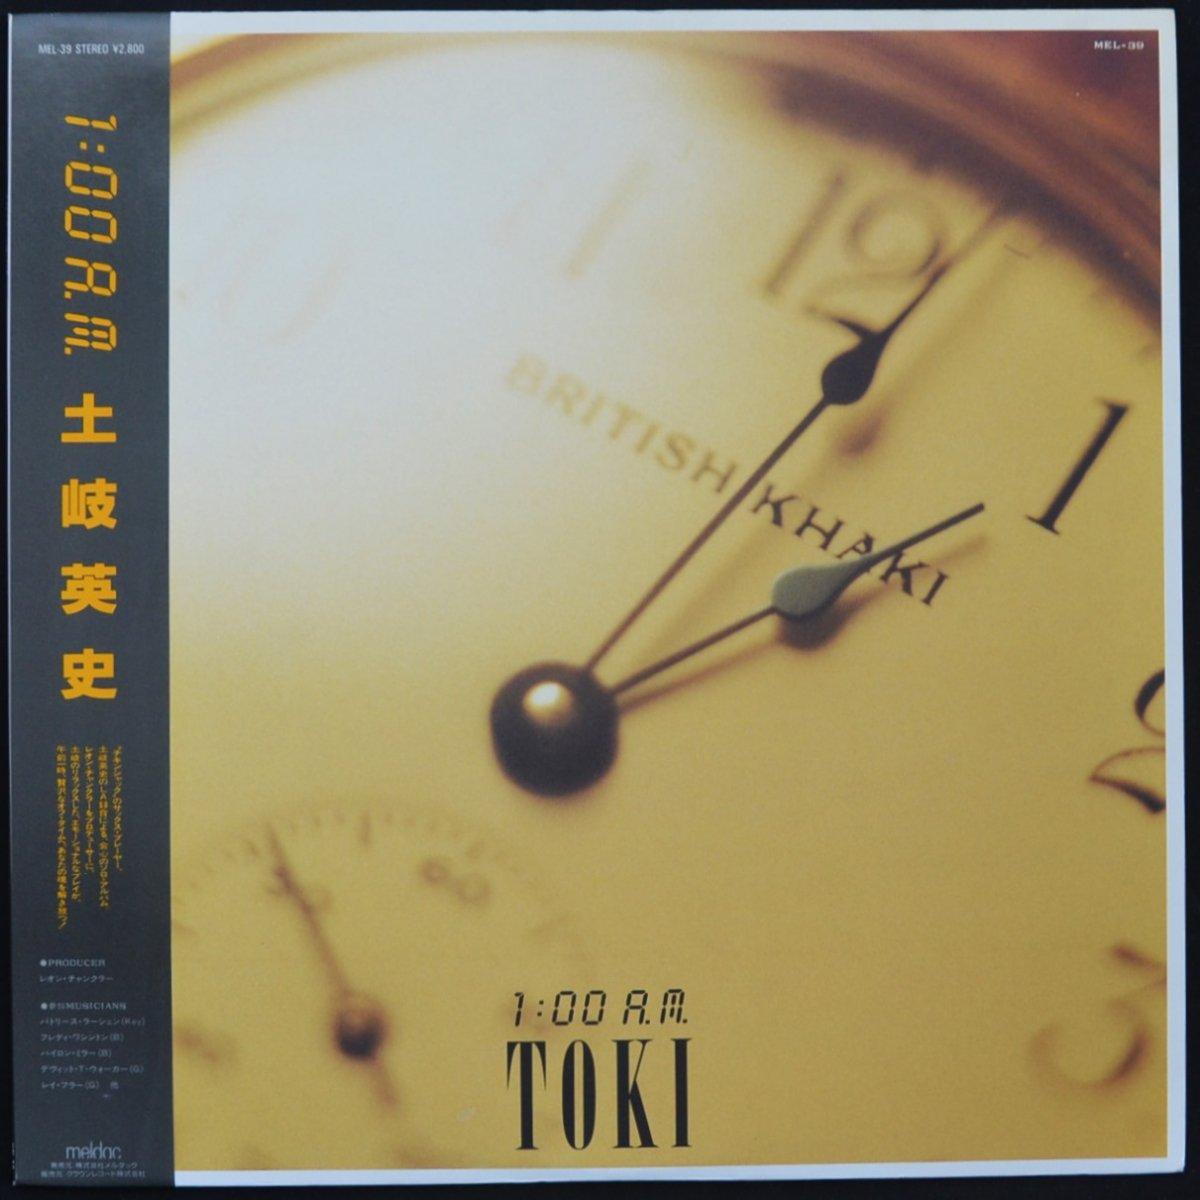 土岐英史 HIDEFUMI TOKI / 1:00 A.M. (LP)